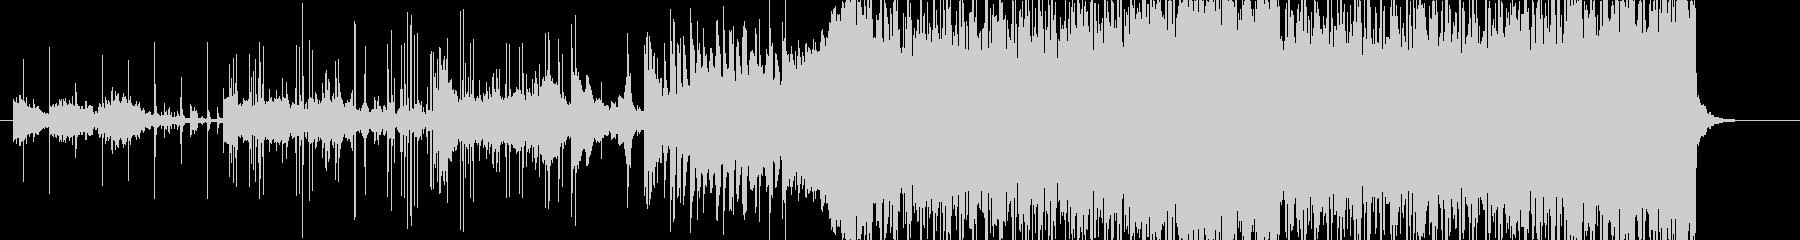 激しいデジタルロックの未再生の波形